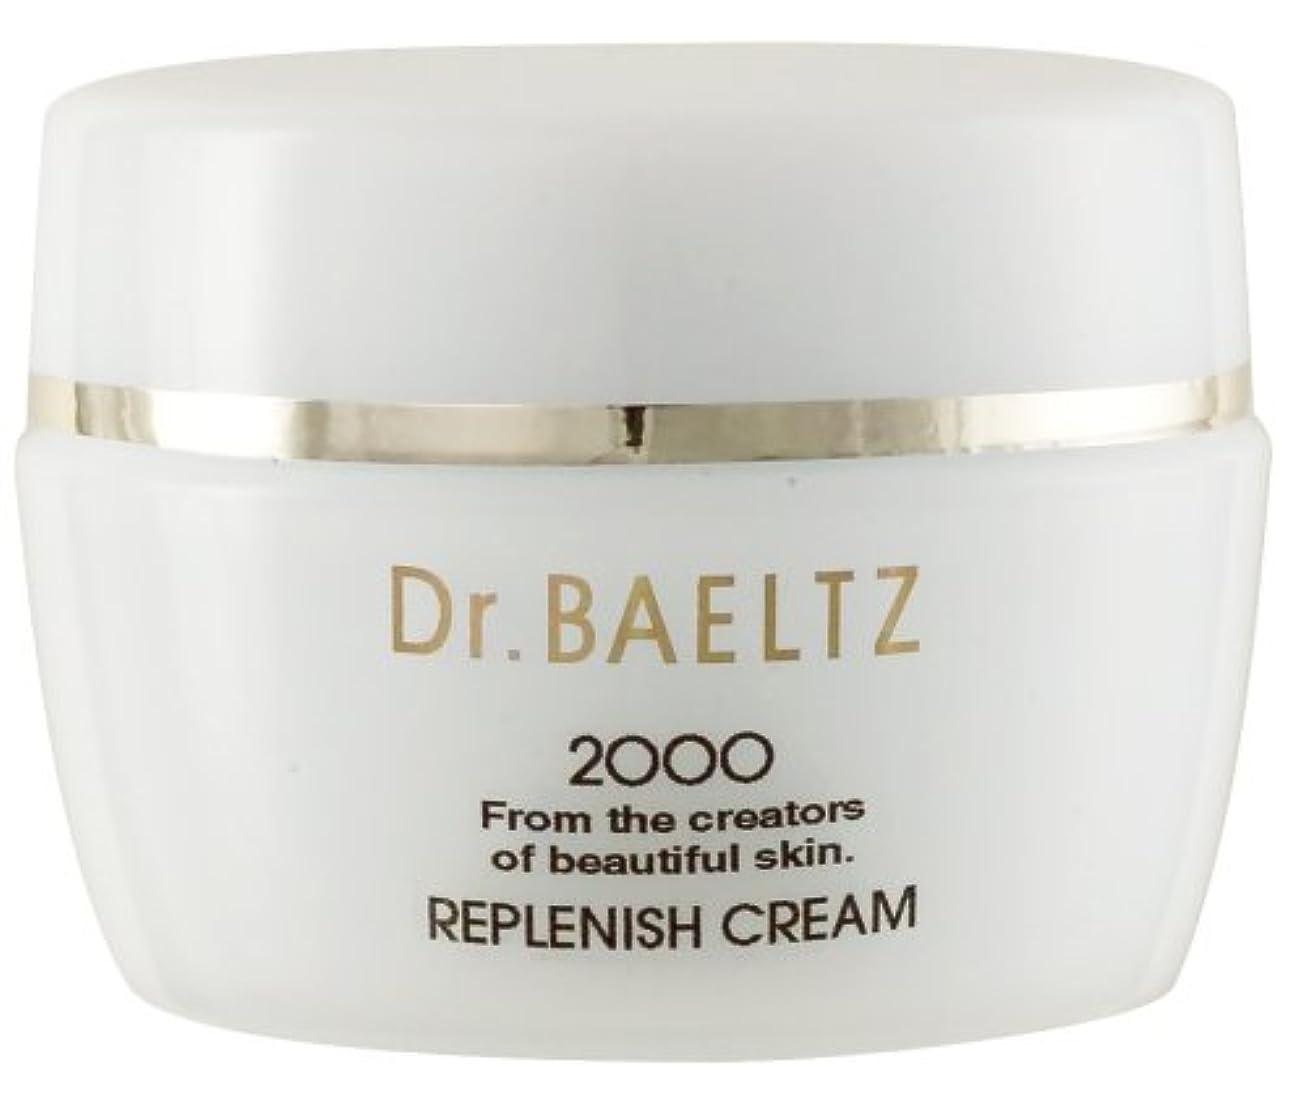 ほこりっぽい数値前任者ドクターベルツ(Dr.BAELTZ) リプレニッシュクリーム 40g(保湿クリーム)